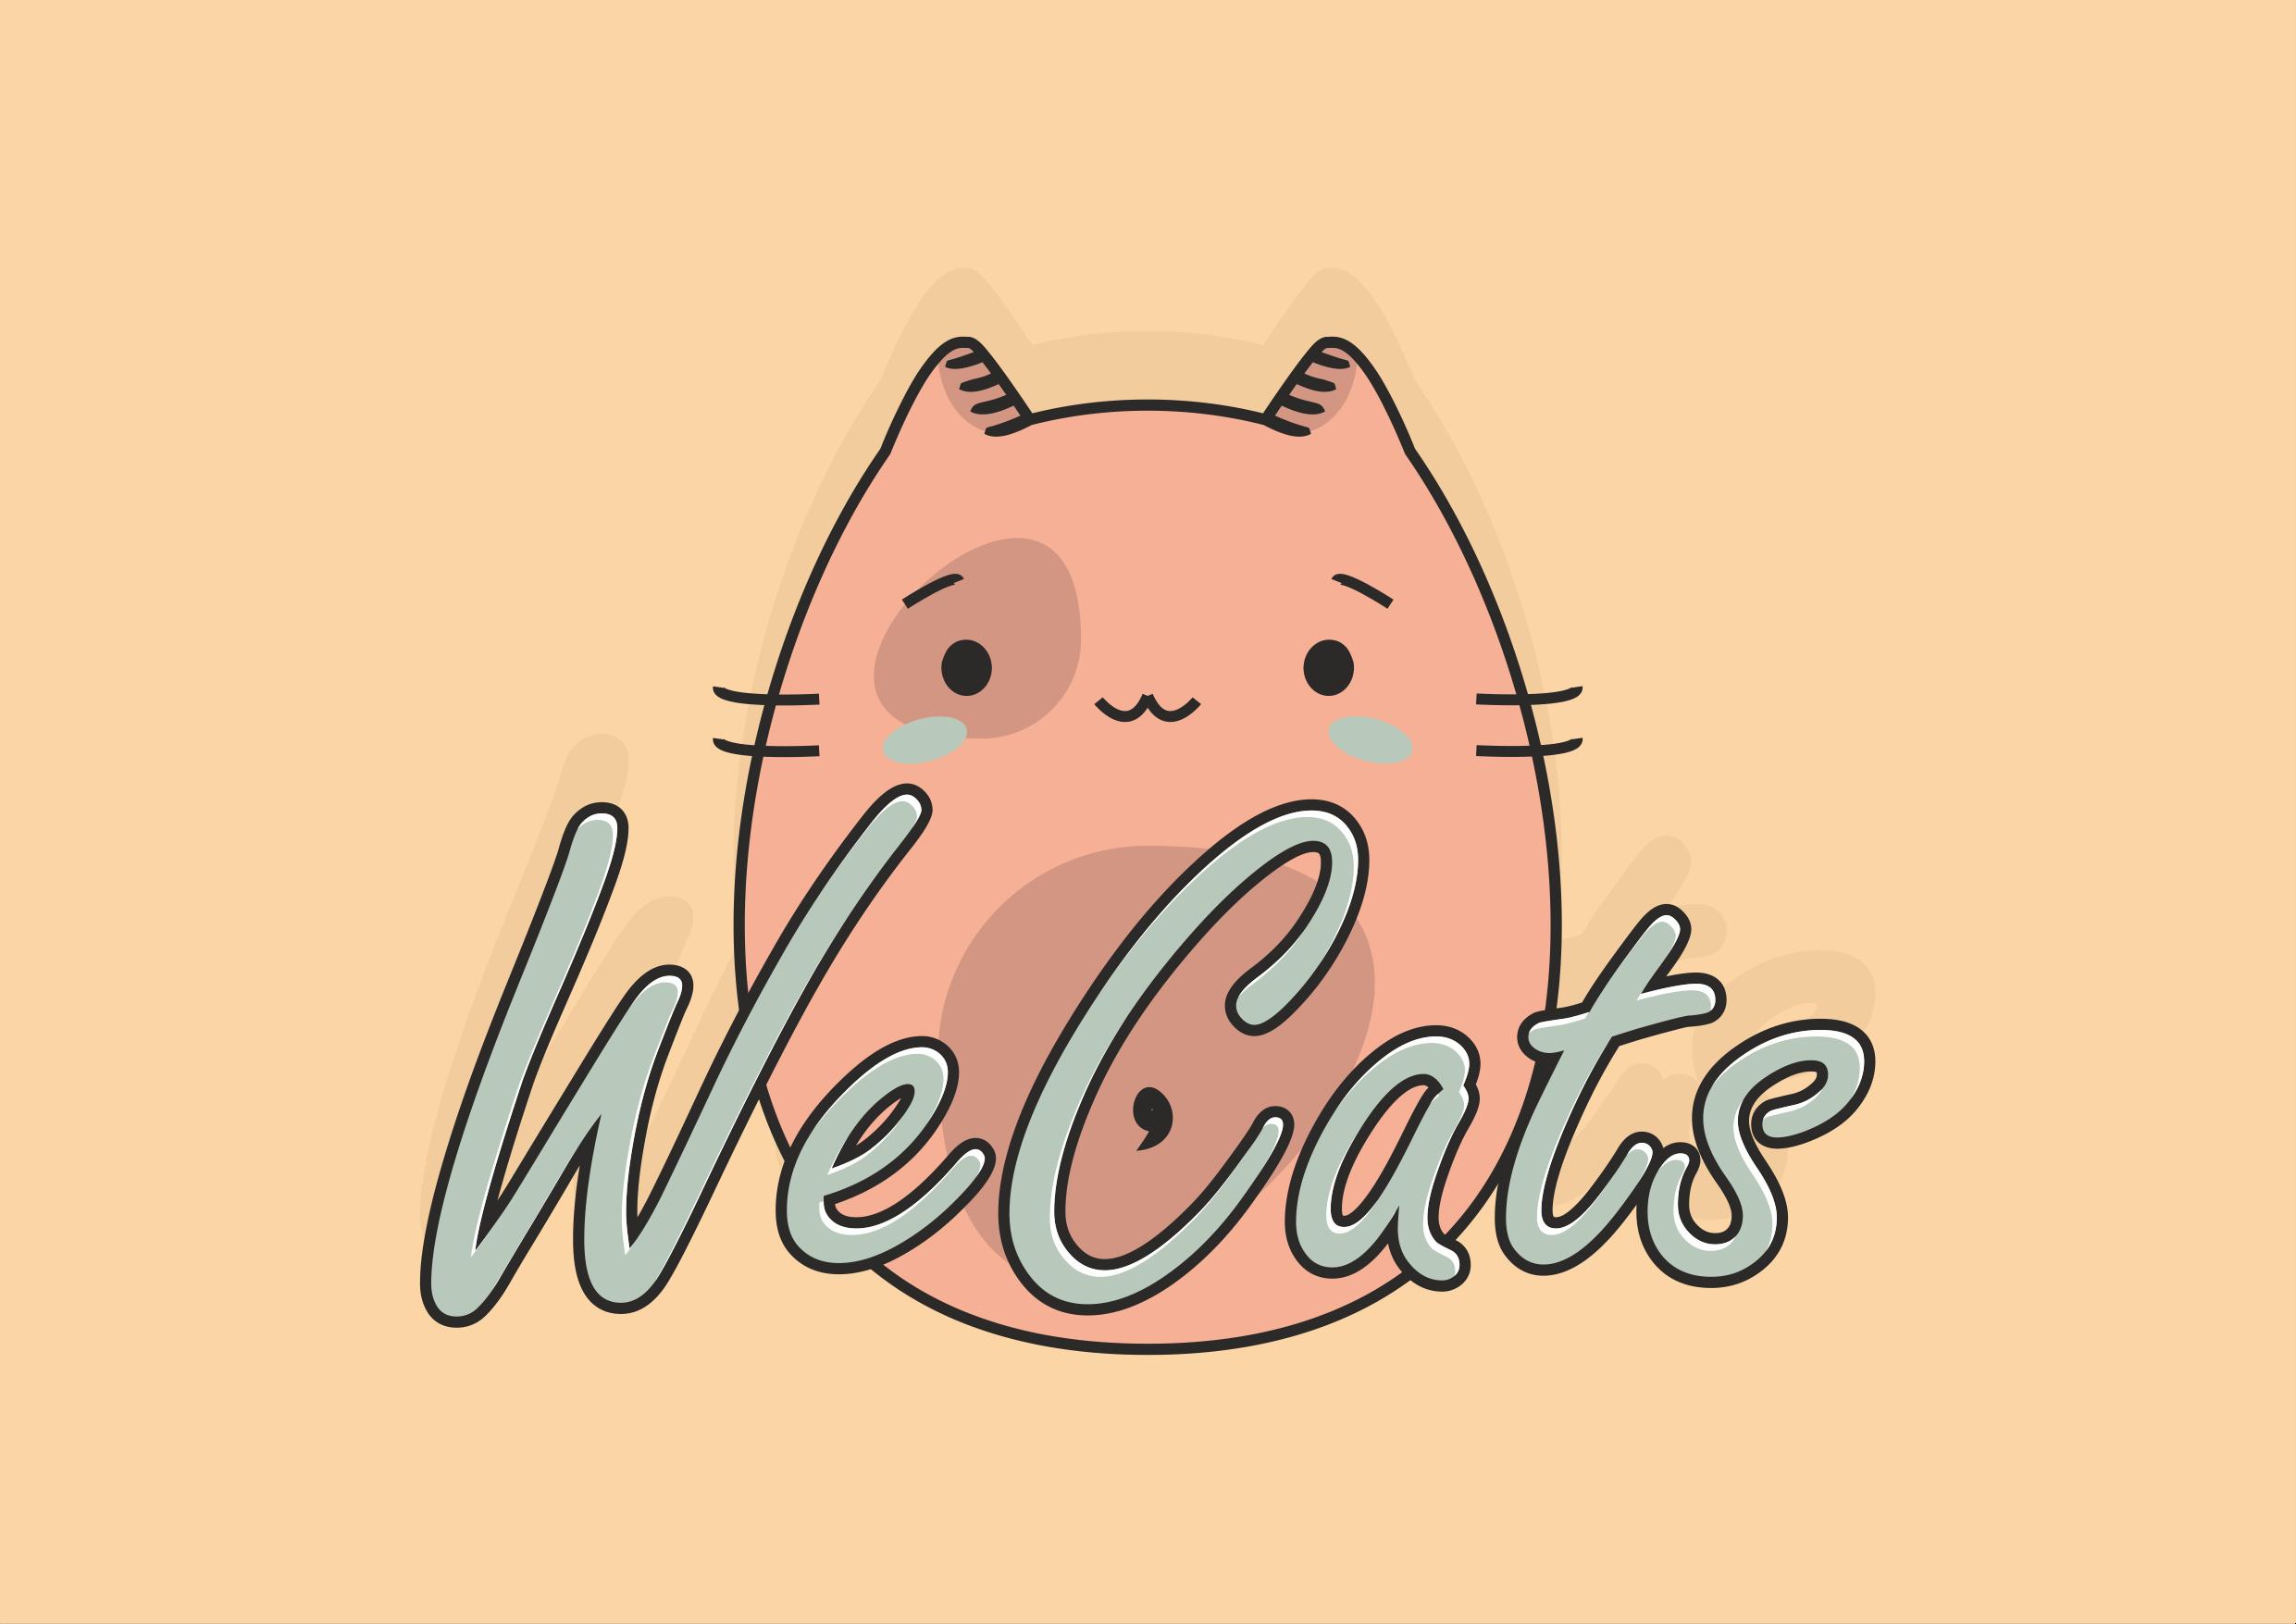 Создание логотипа WeCats фото f_3265f1a1cfe70312.png